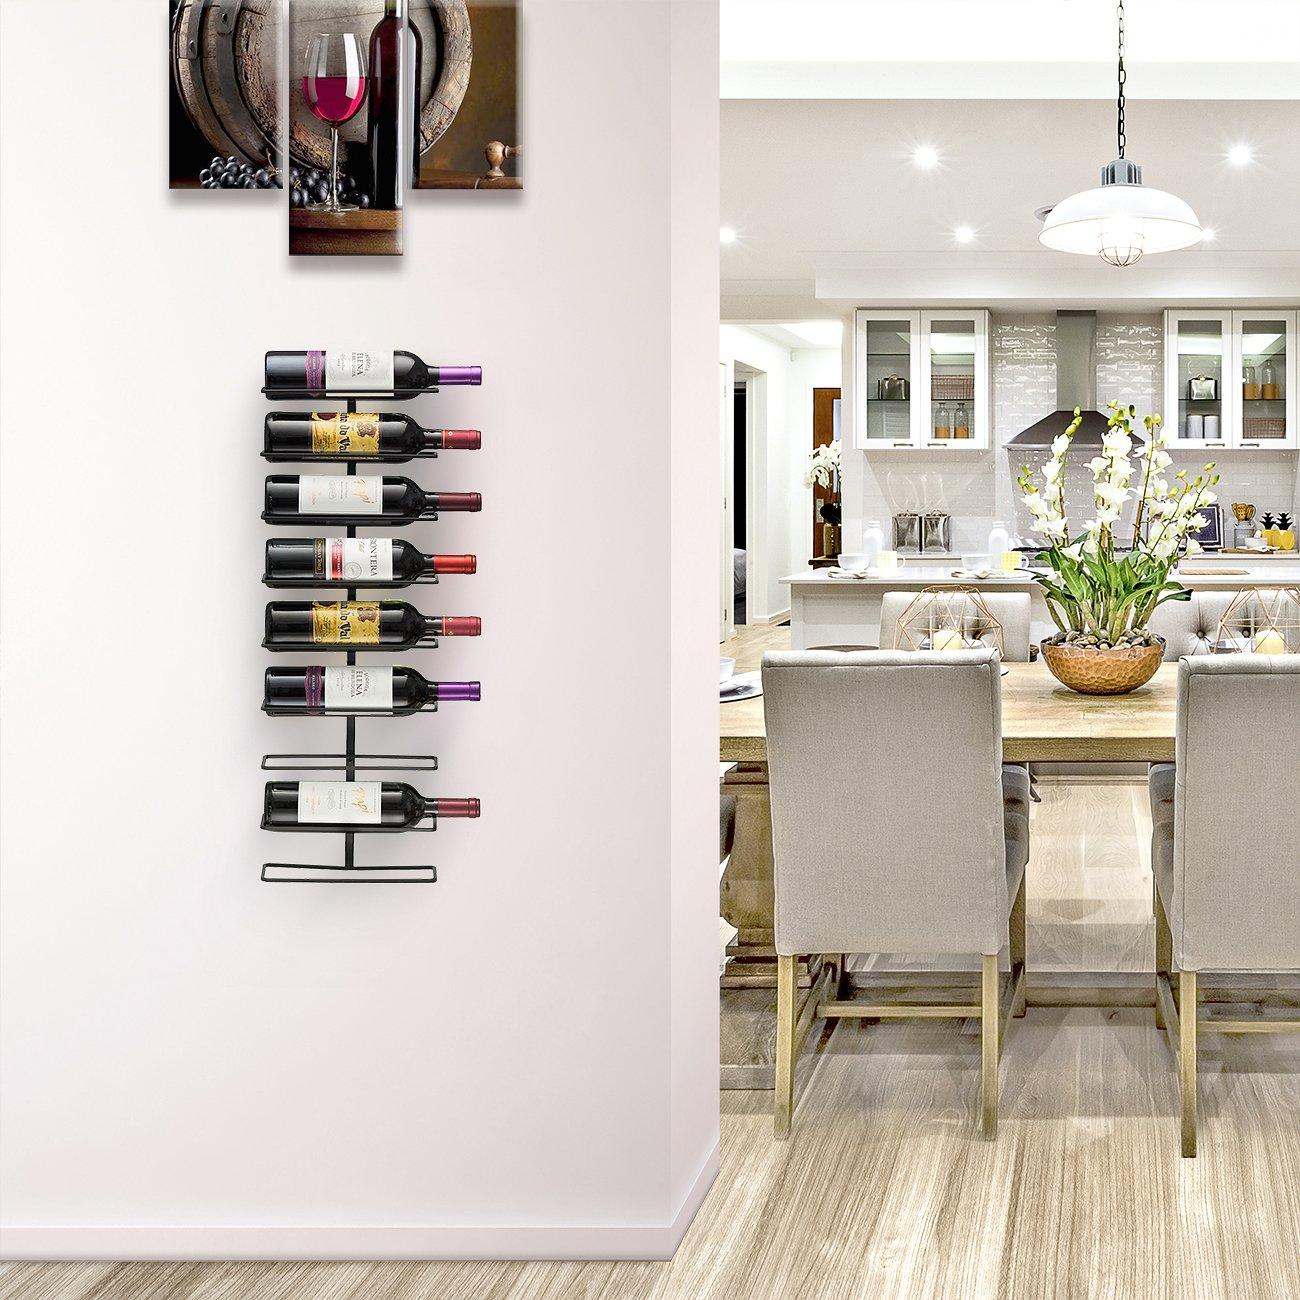 Holds 9 Bottles Home Decor Sorbus Wall Mount Wine Rack